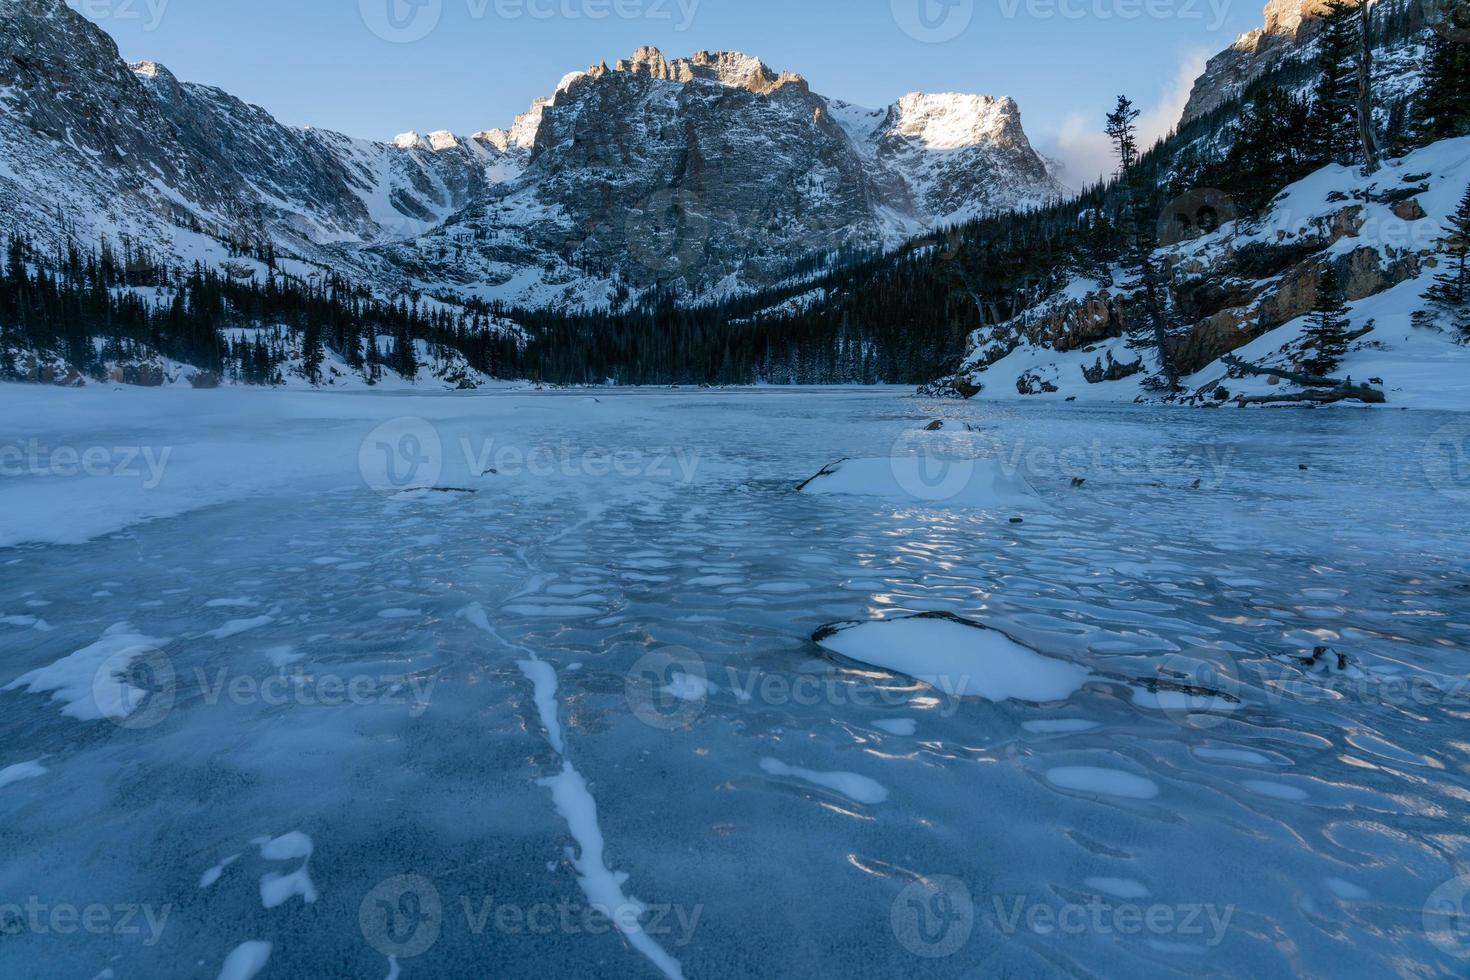 Der See im Winter - Rocky Mountain National Park foto